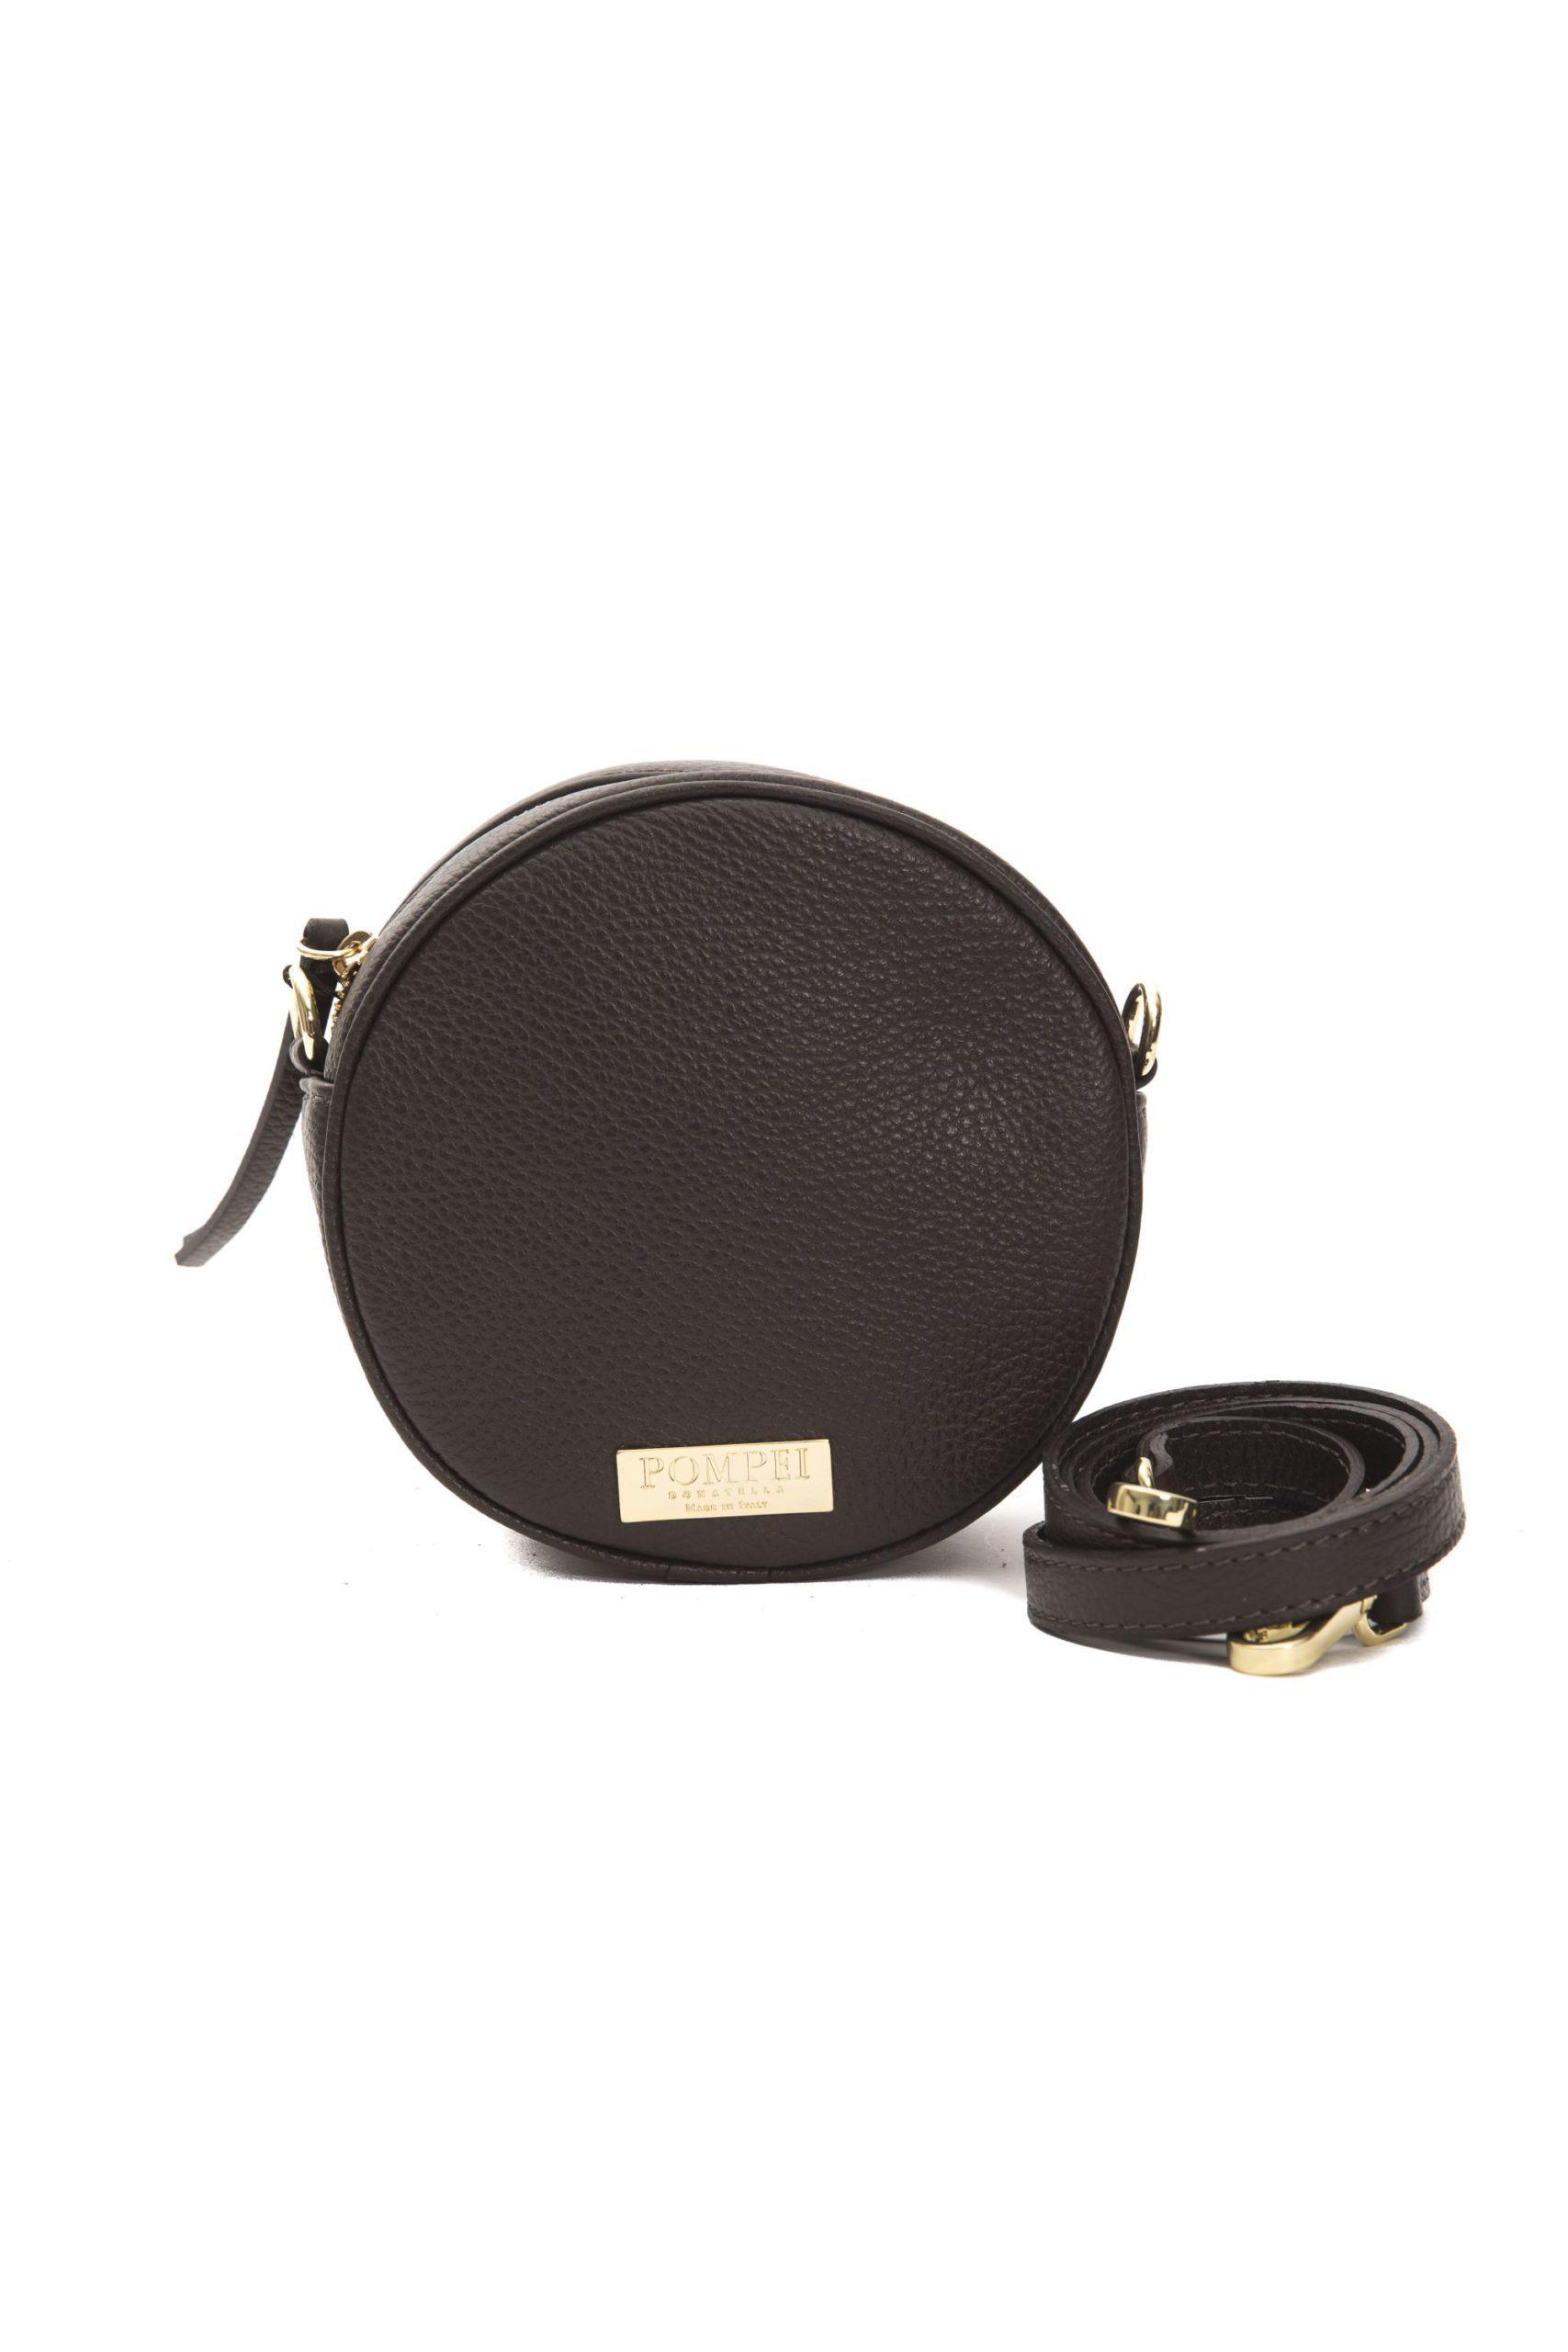 Pompei Donatella Women's Cioccolato Crossbody Bag Brown PO1004943